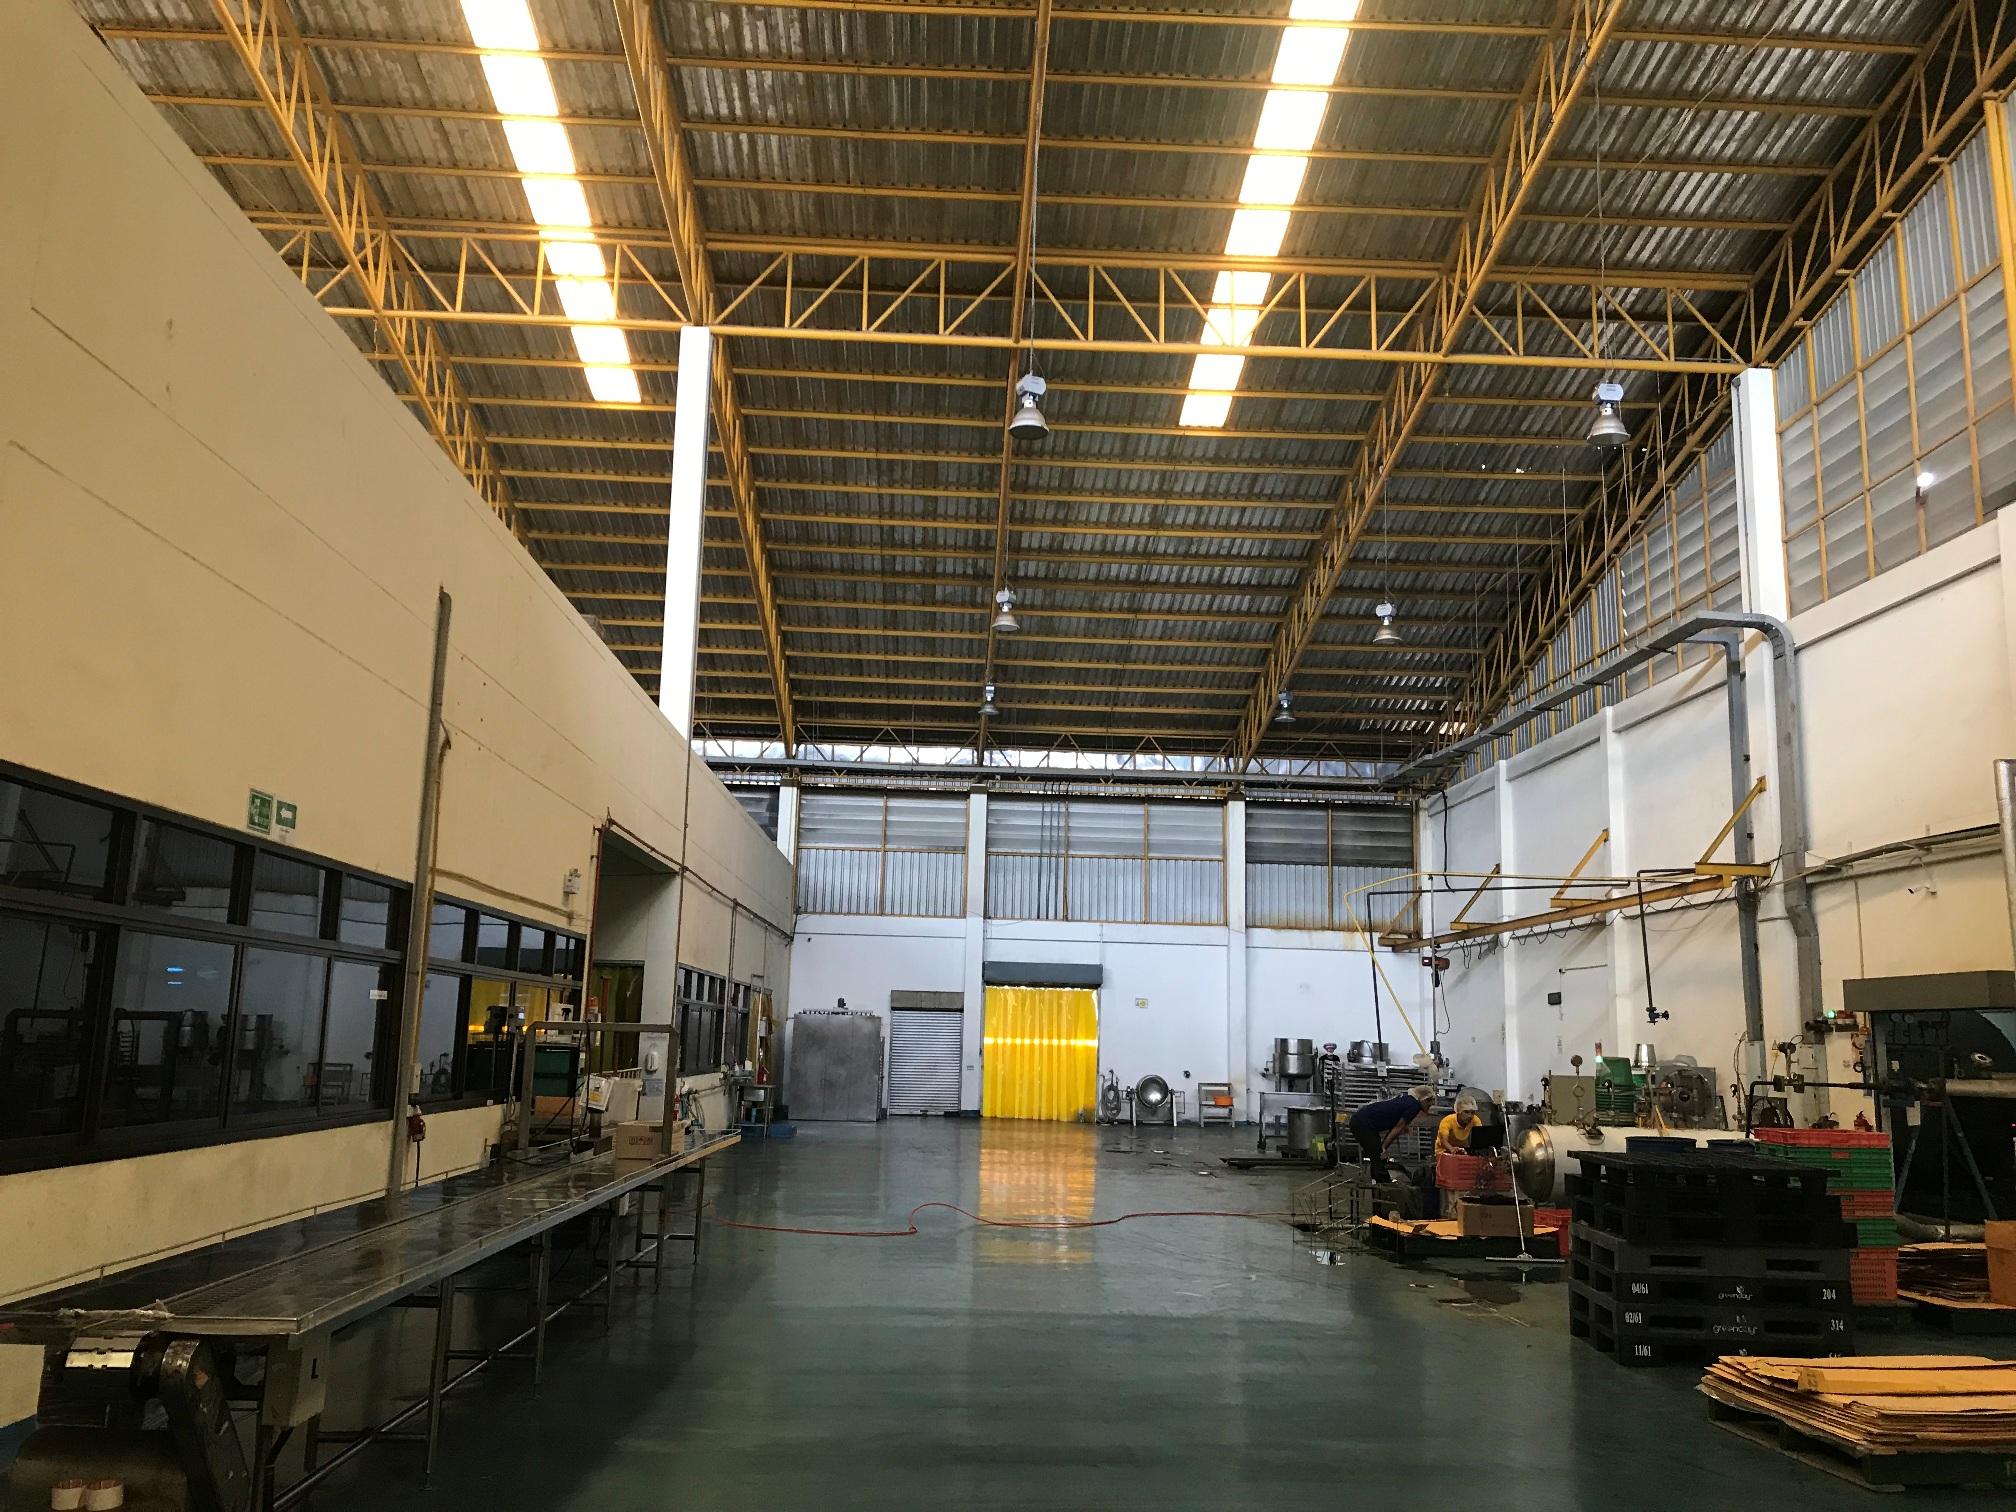 ขาย โรงงาน บางพลี สมุทรปราการ Bang Phli Samut Prakan